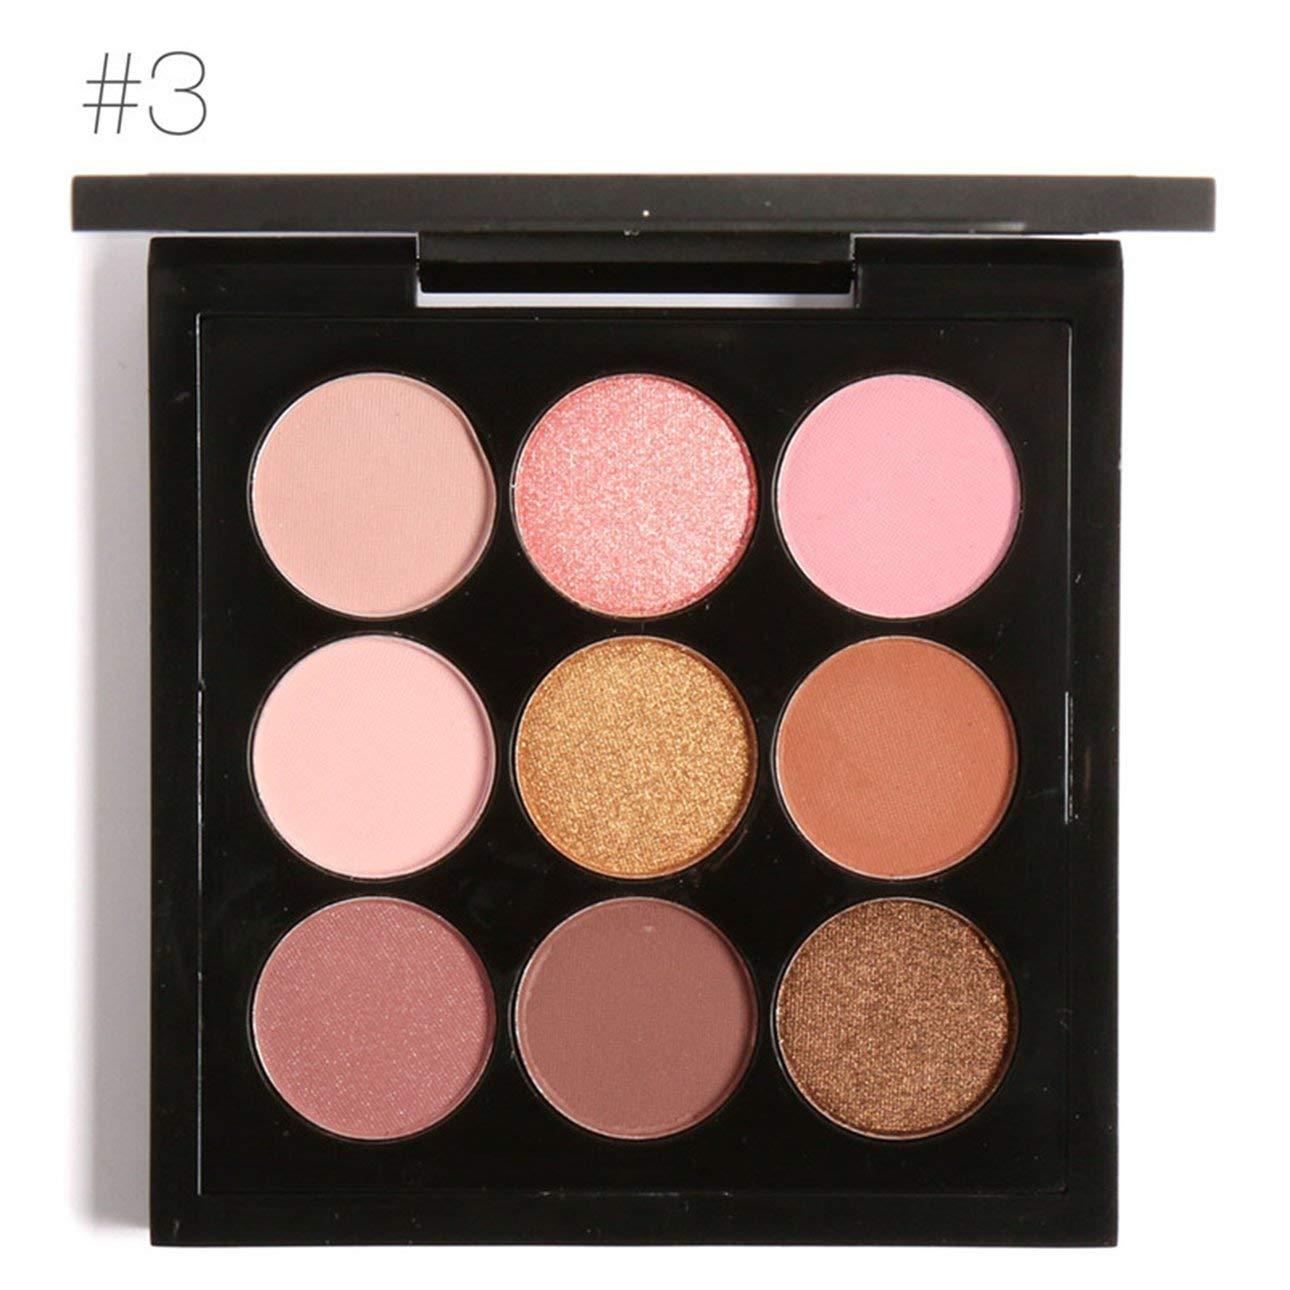 Liobaba 9 Colors Makeup Eyeshadow Palette Waterproof Multicolor Eyeshadow Compact Long-lasting Eye Makeup Palette Makeup Tool